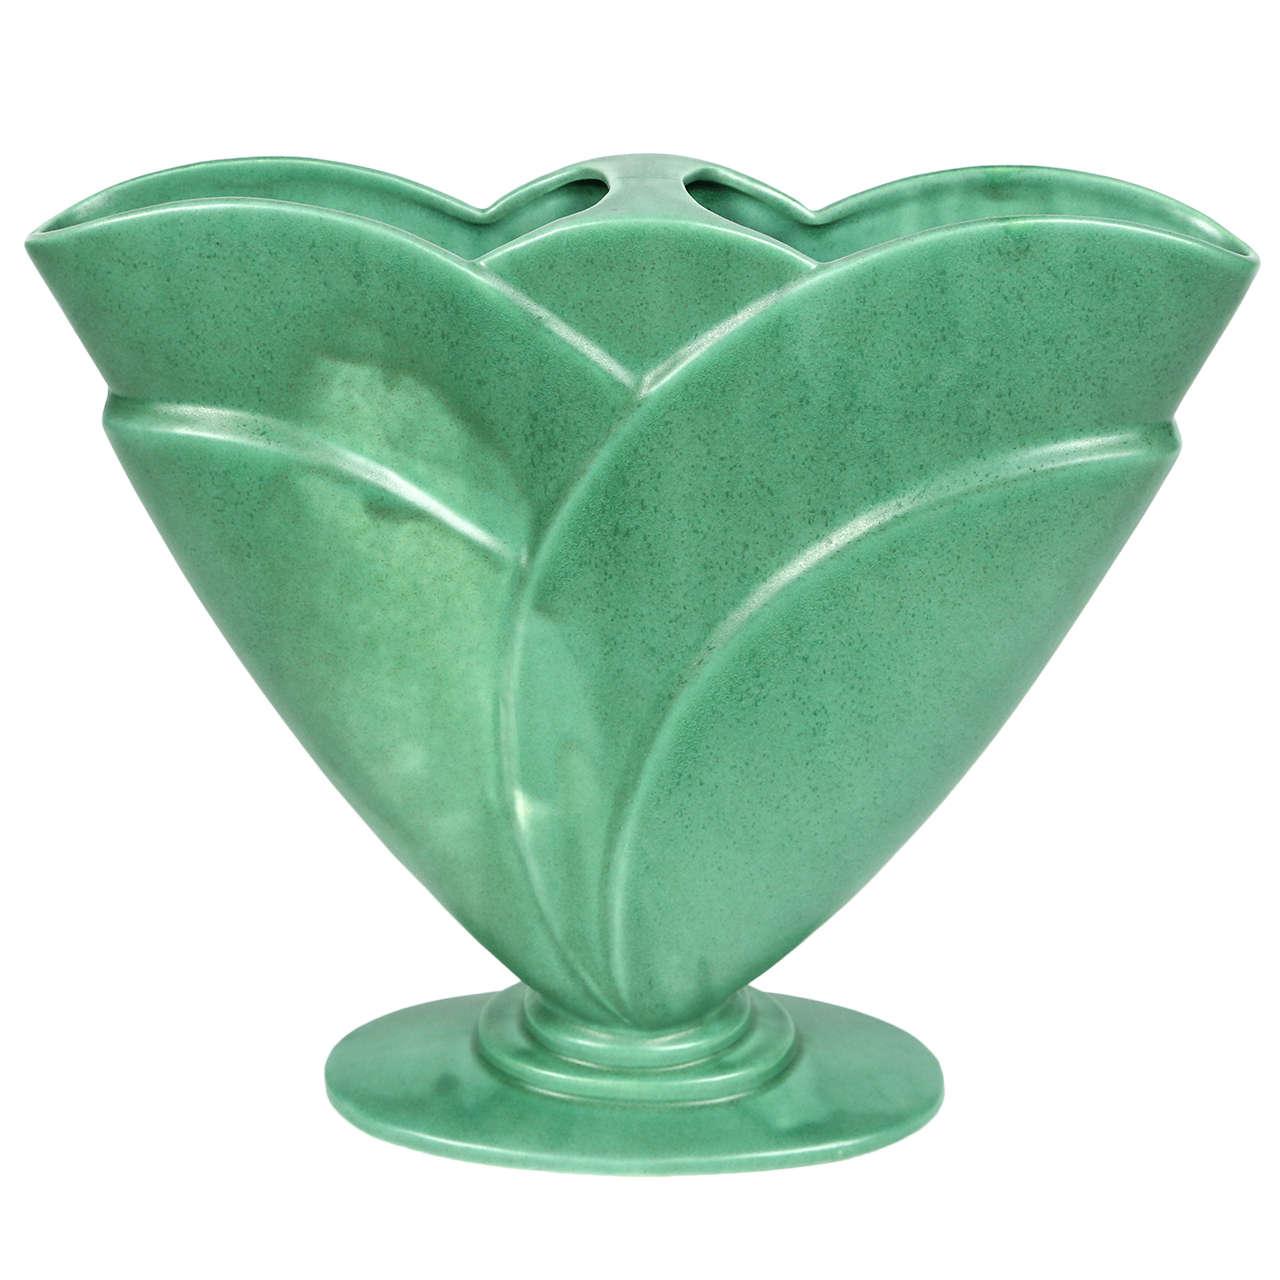 Royal haeger fan vase at 1stdibs royal haeger fan vase for sale reviewsmspy